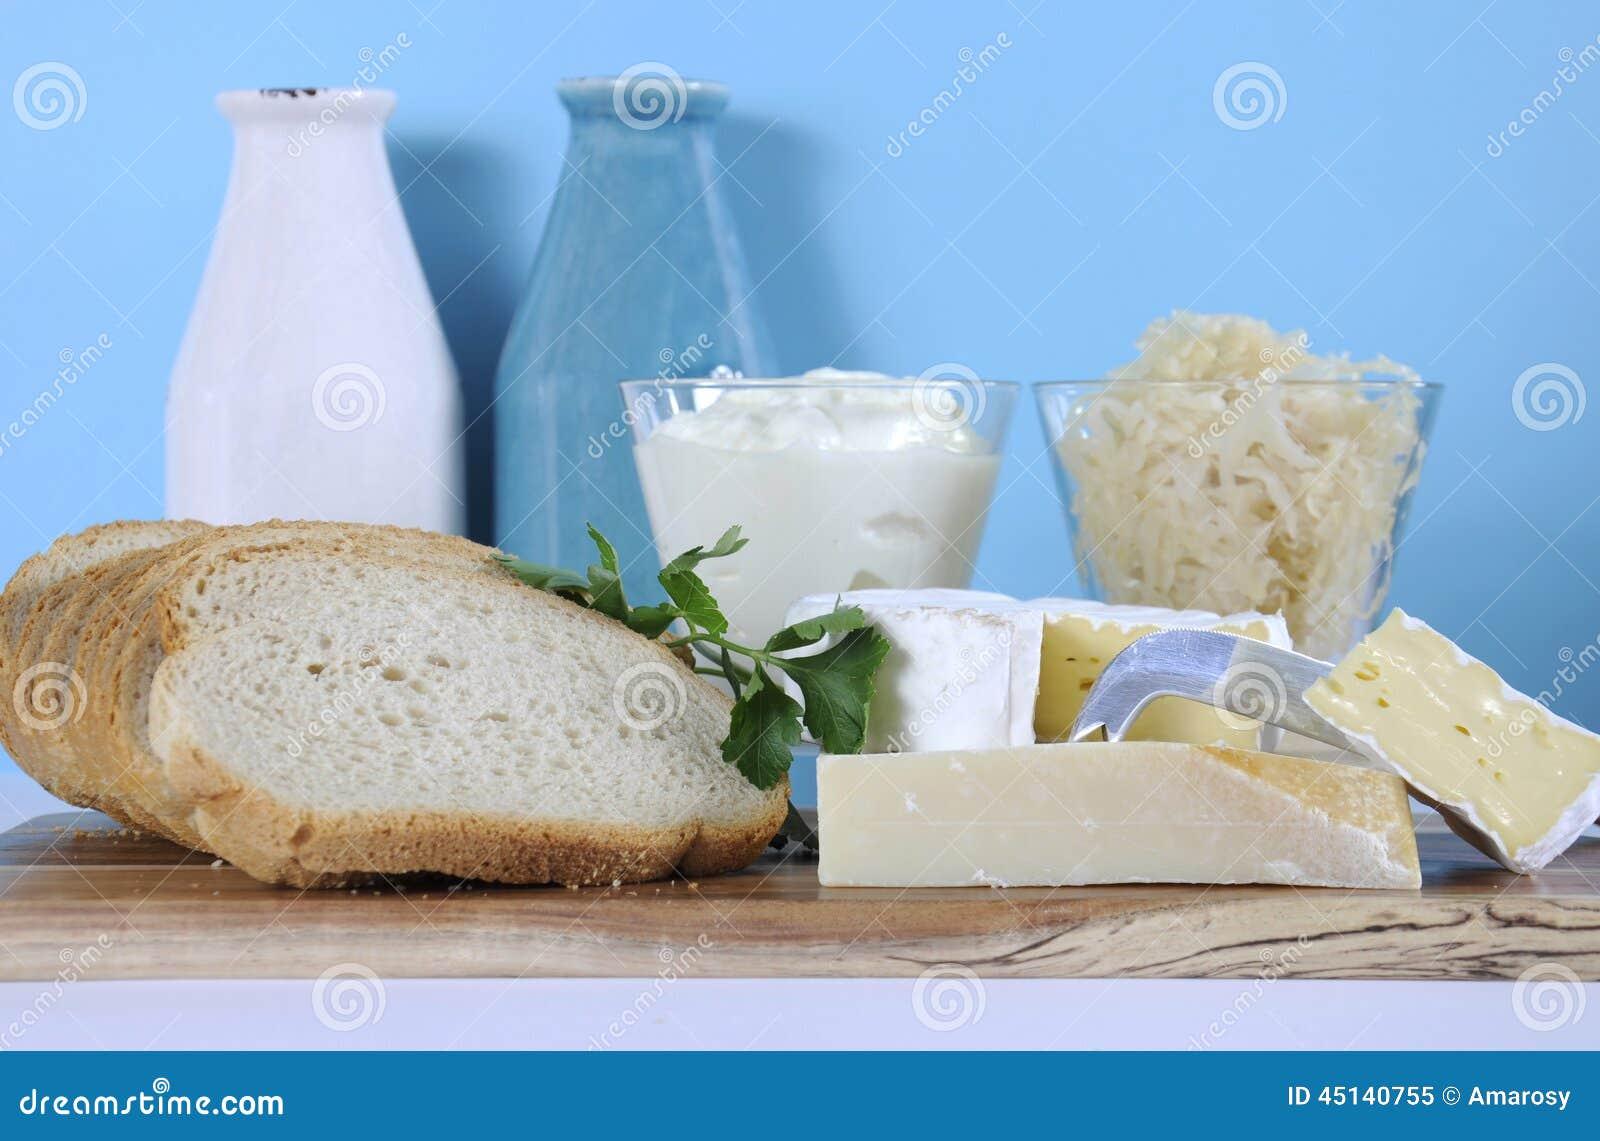 Healthy Food Diet: Probiotic Food